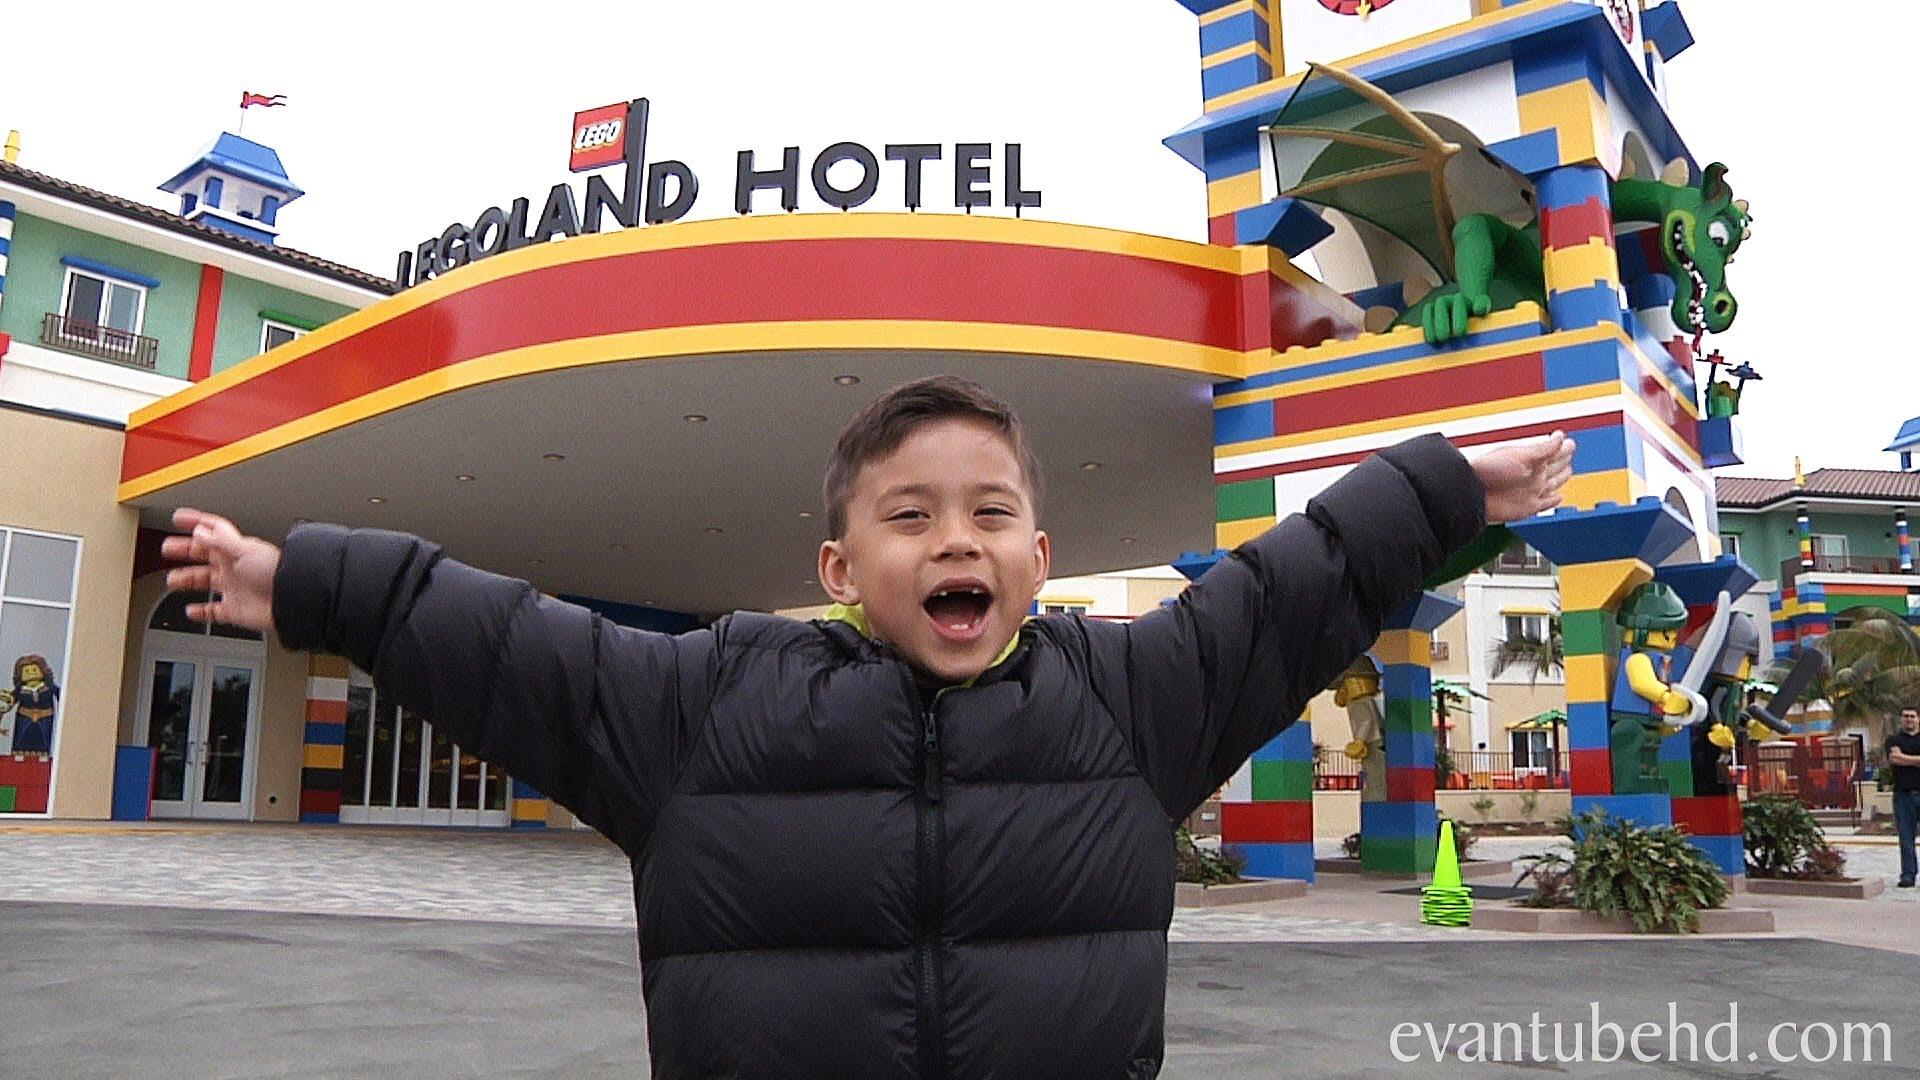 レゴマニア歓喜! アメリカにオープンしたレゴランドホテル